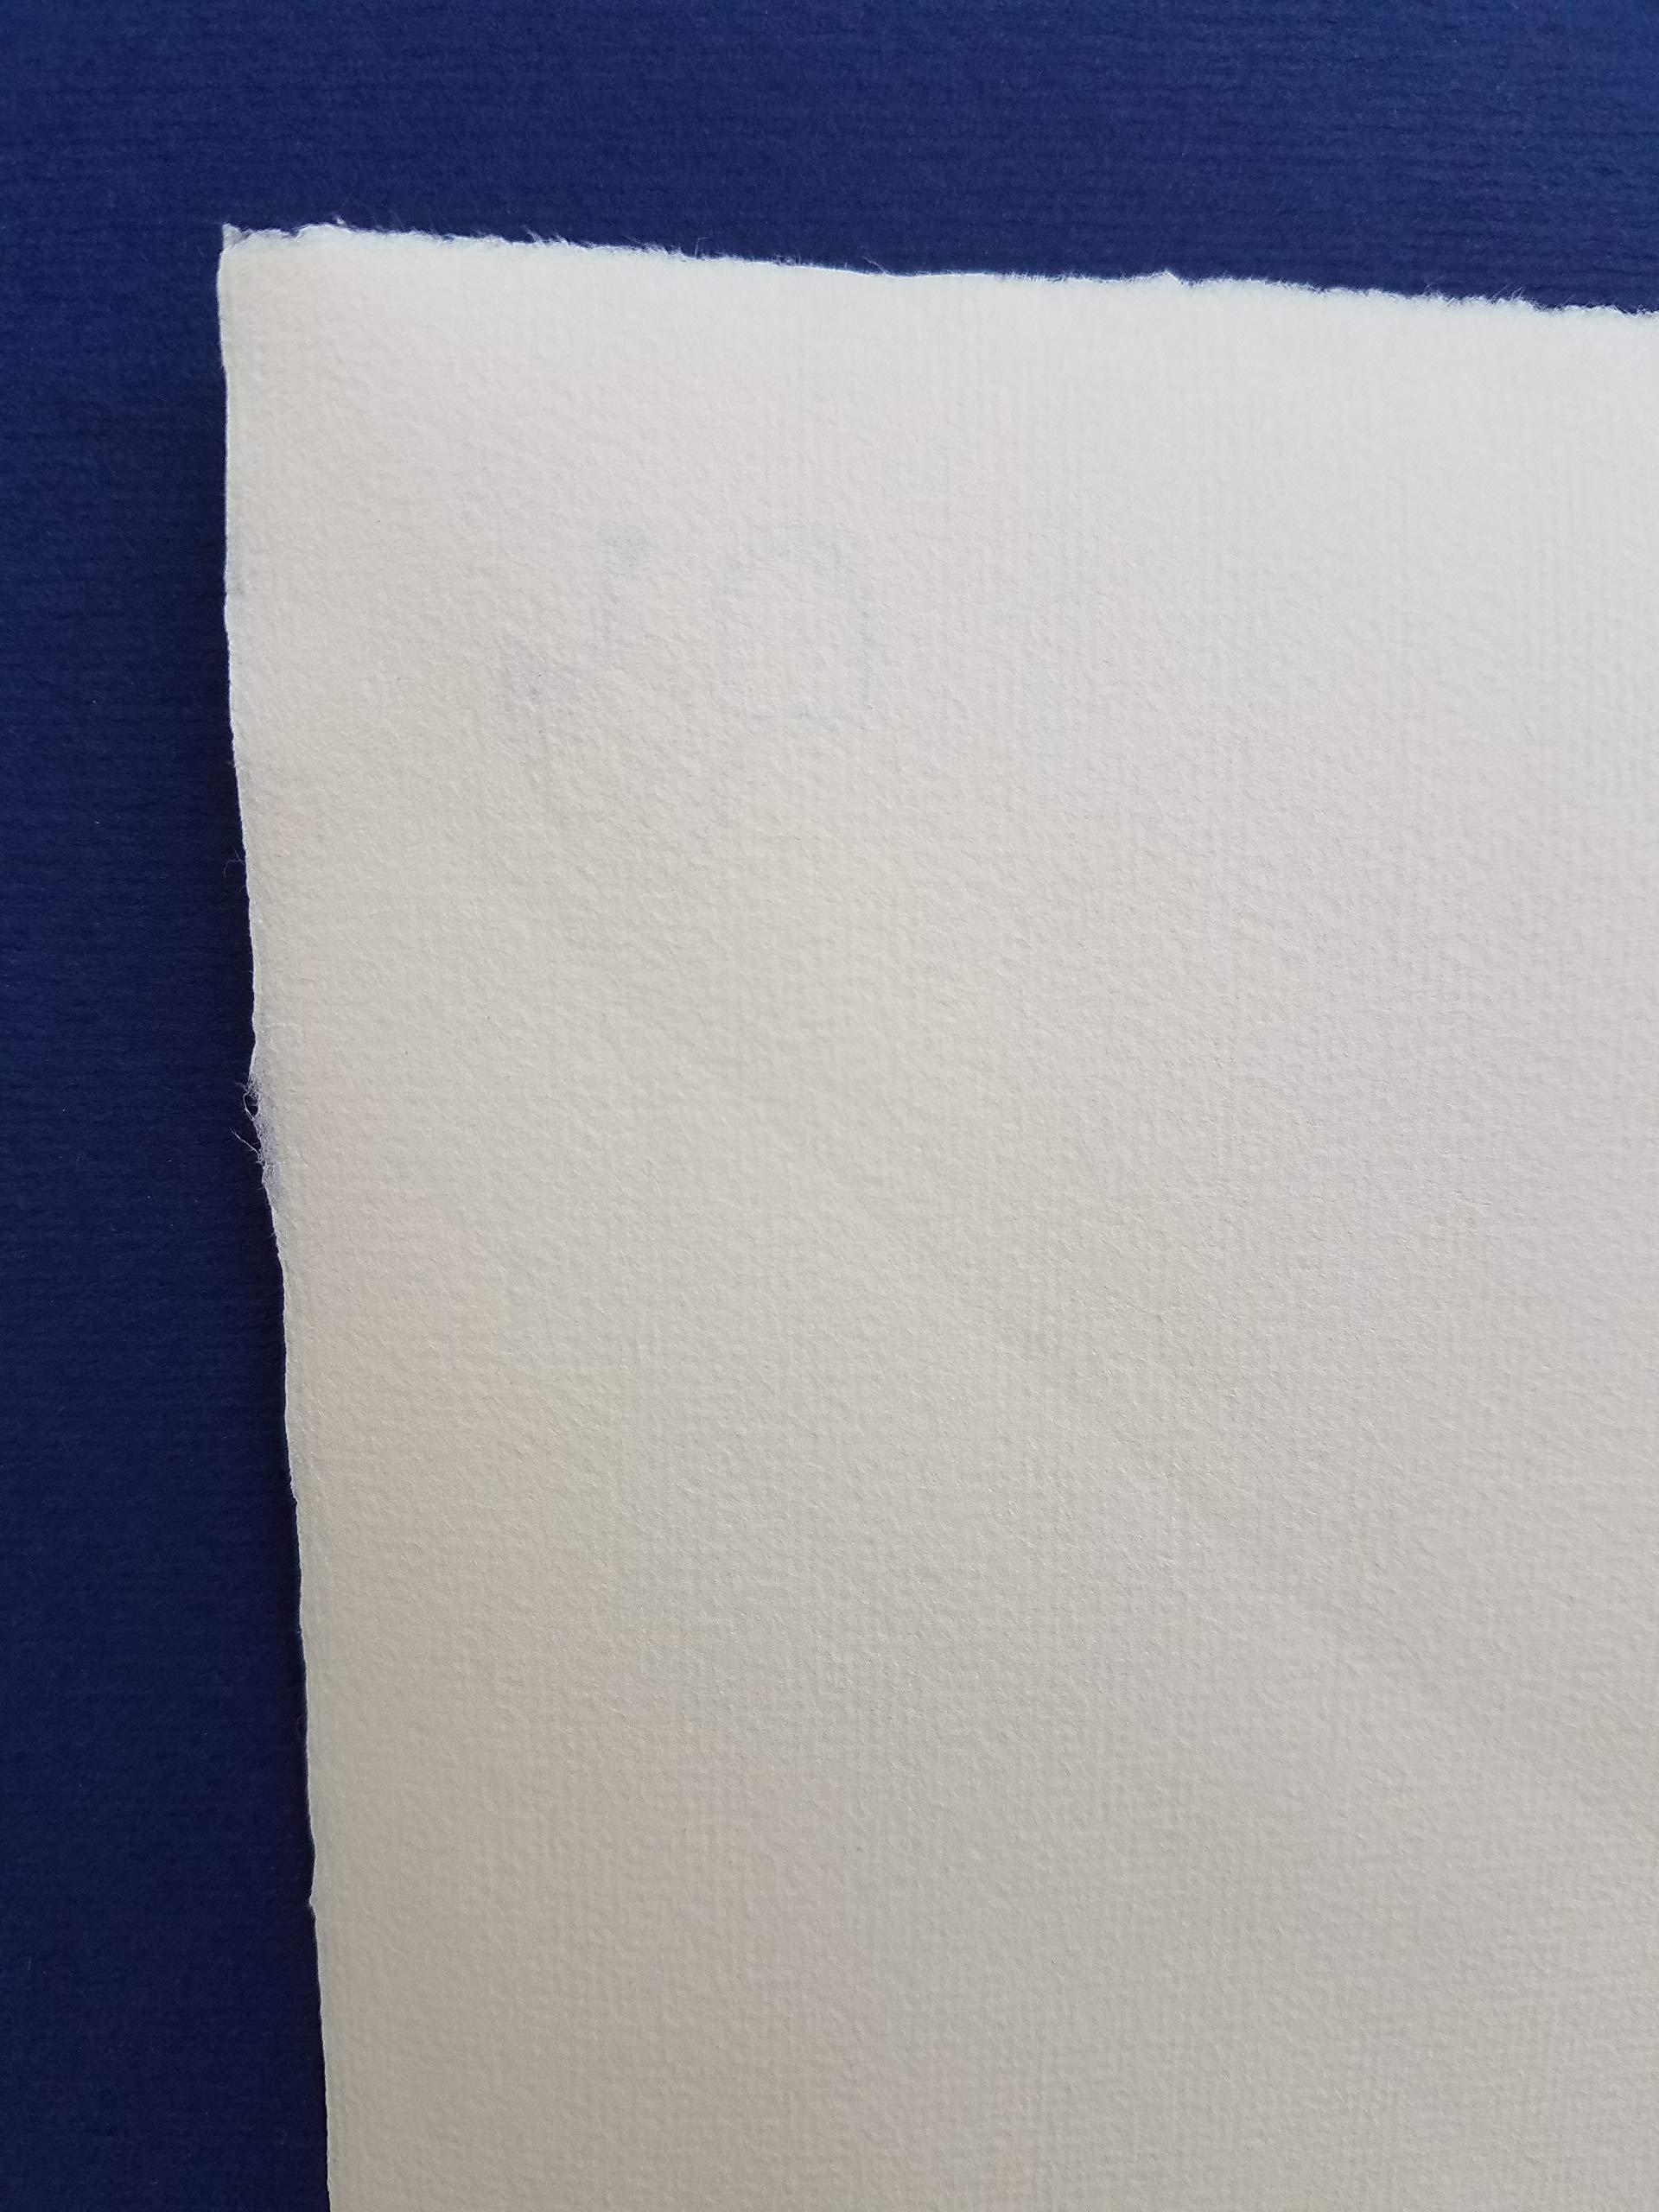 Hahnemuhle Ingres Paper, Antique 102, 19'' X 25'', 100 GSM (25 Sheet Package) by Hahnemuhle Ingres Antique